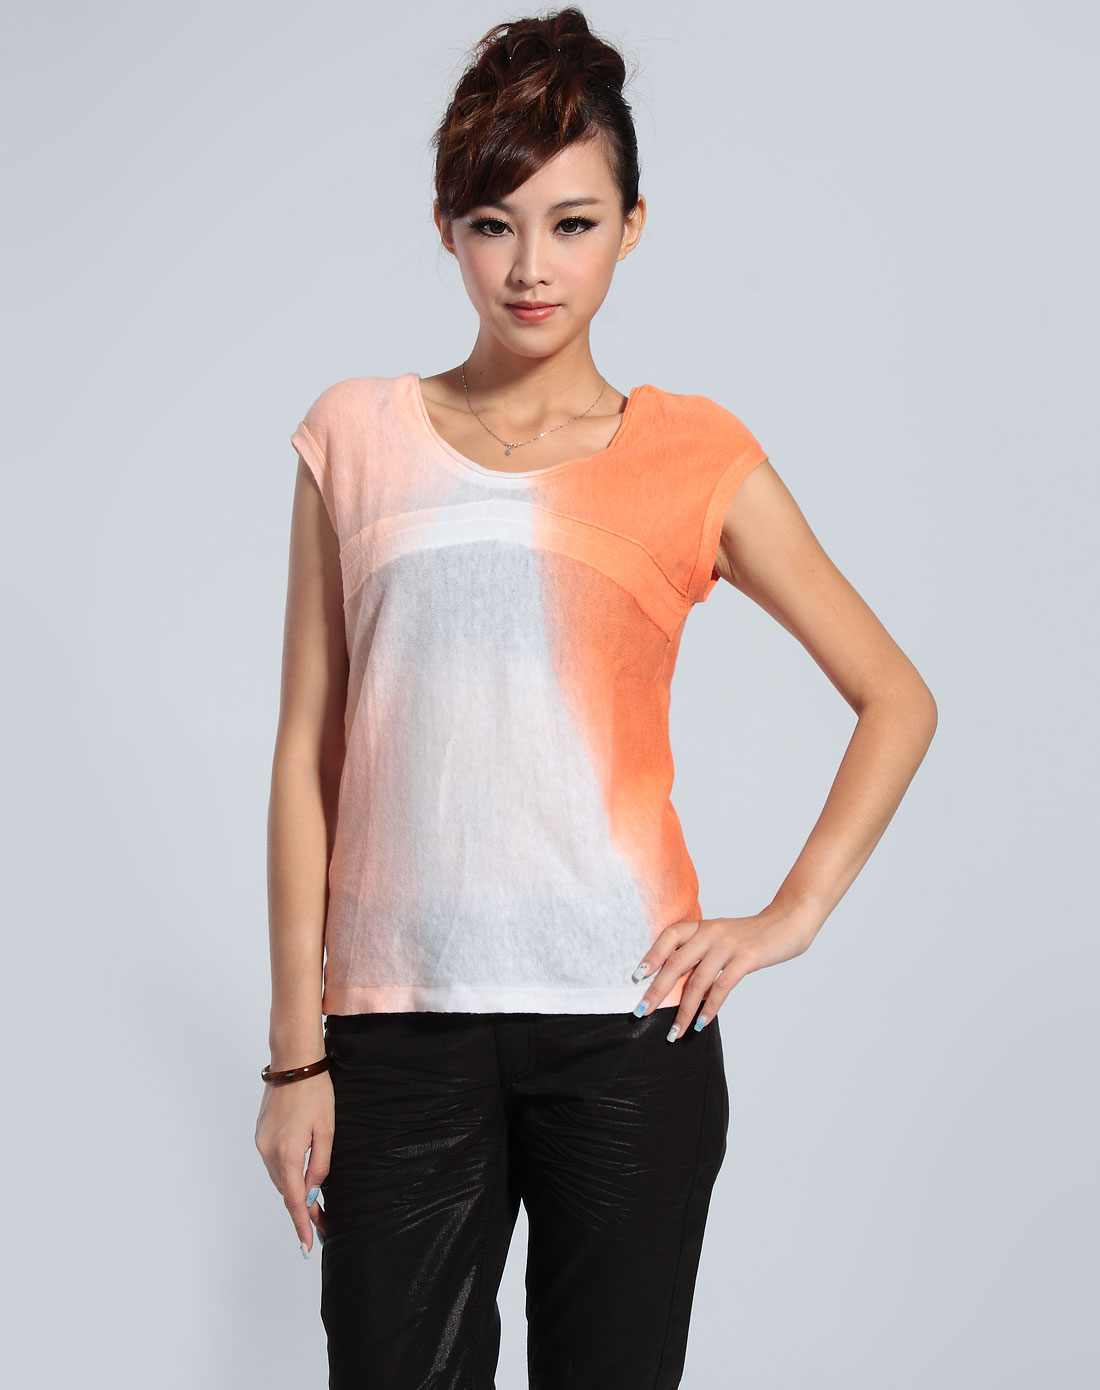 卡秀cushow橙/白色渐变色无袖针织衫